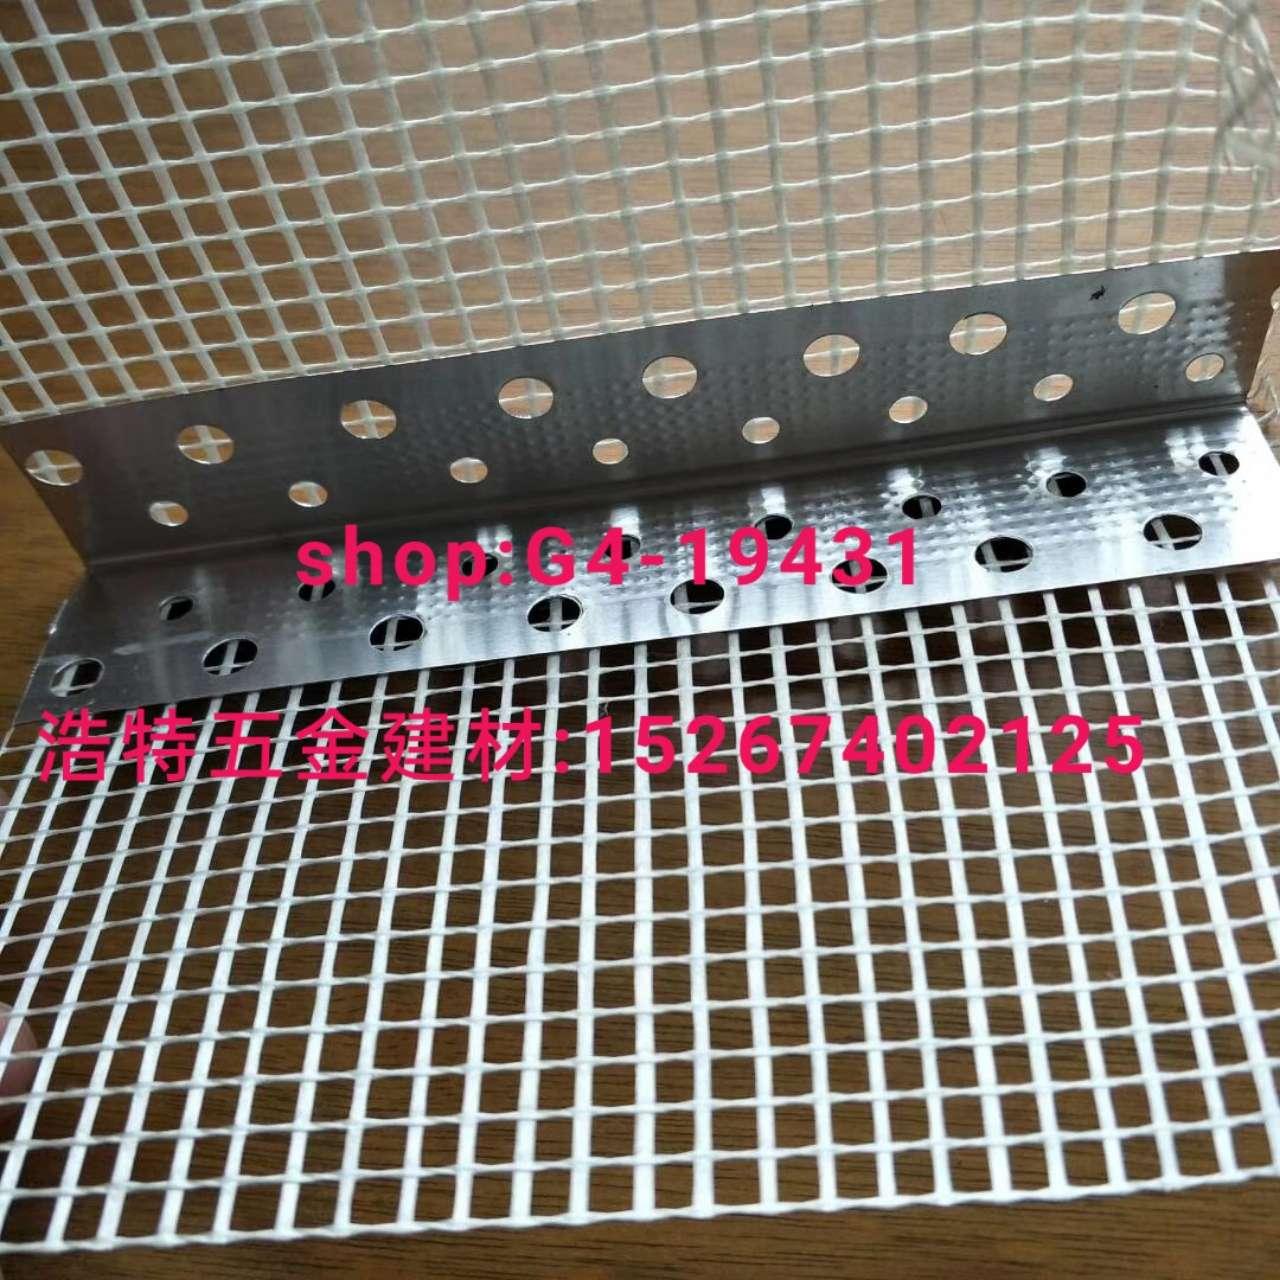 铝护角条阳角条 补缝条修边条分割条直角条卡槽开口条pvc护角网踢脚线铝条。